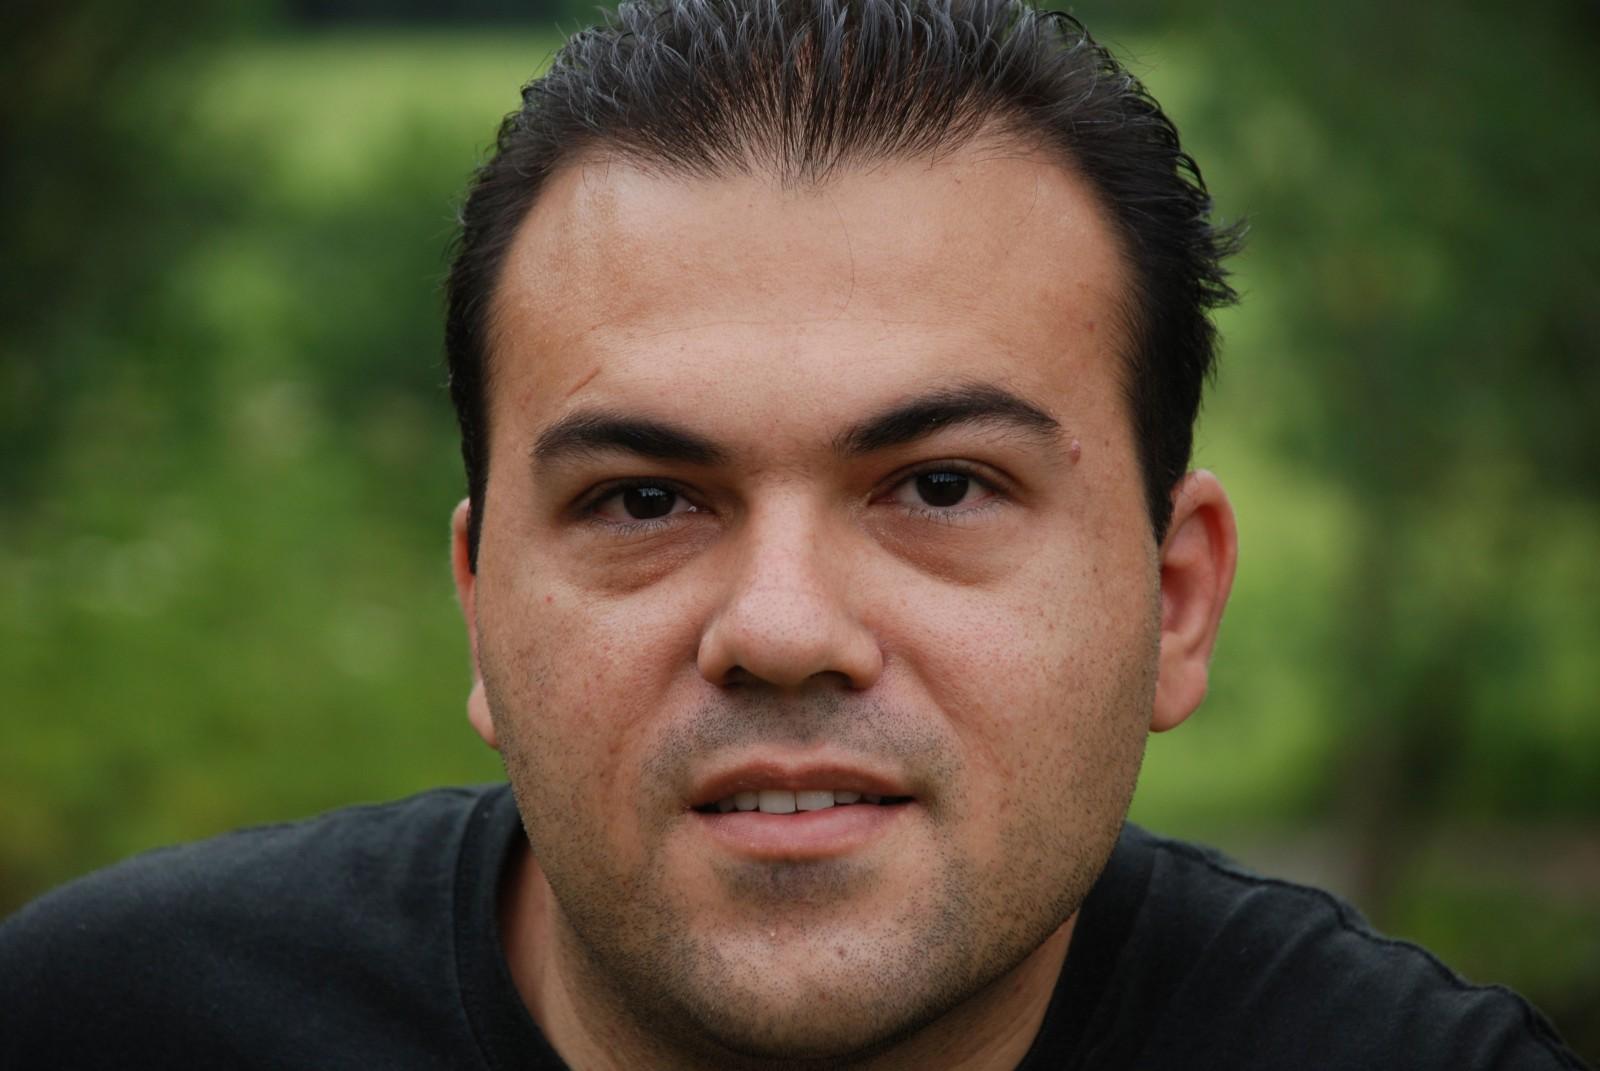 Le cas des prisonniers américains en Iran, notamment le Pasteur Saeed Abedini n'ont pas pesé sur la négociation sur l'accord nucléaire entre l'Iran et les six grandes puissances mondiales Crédit photo : opendoorsusa.org